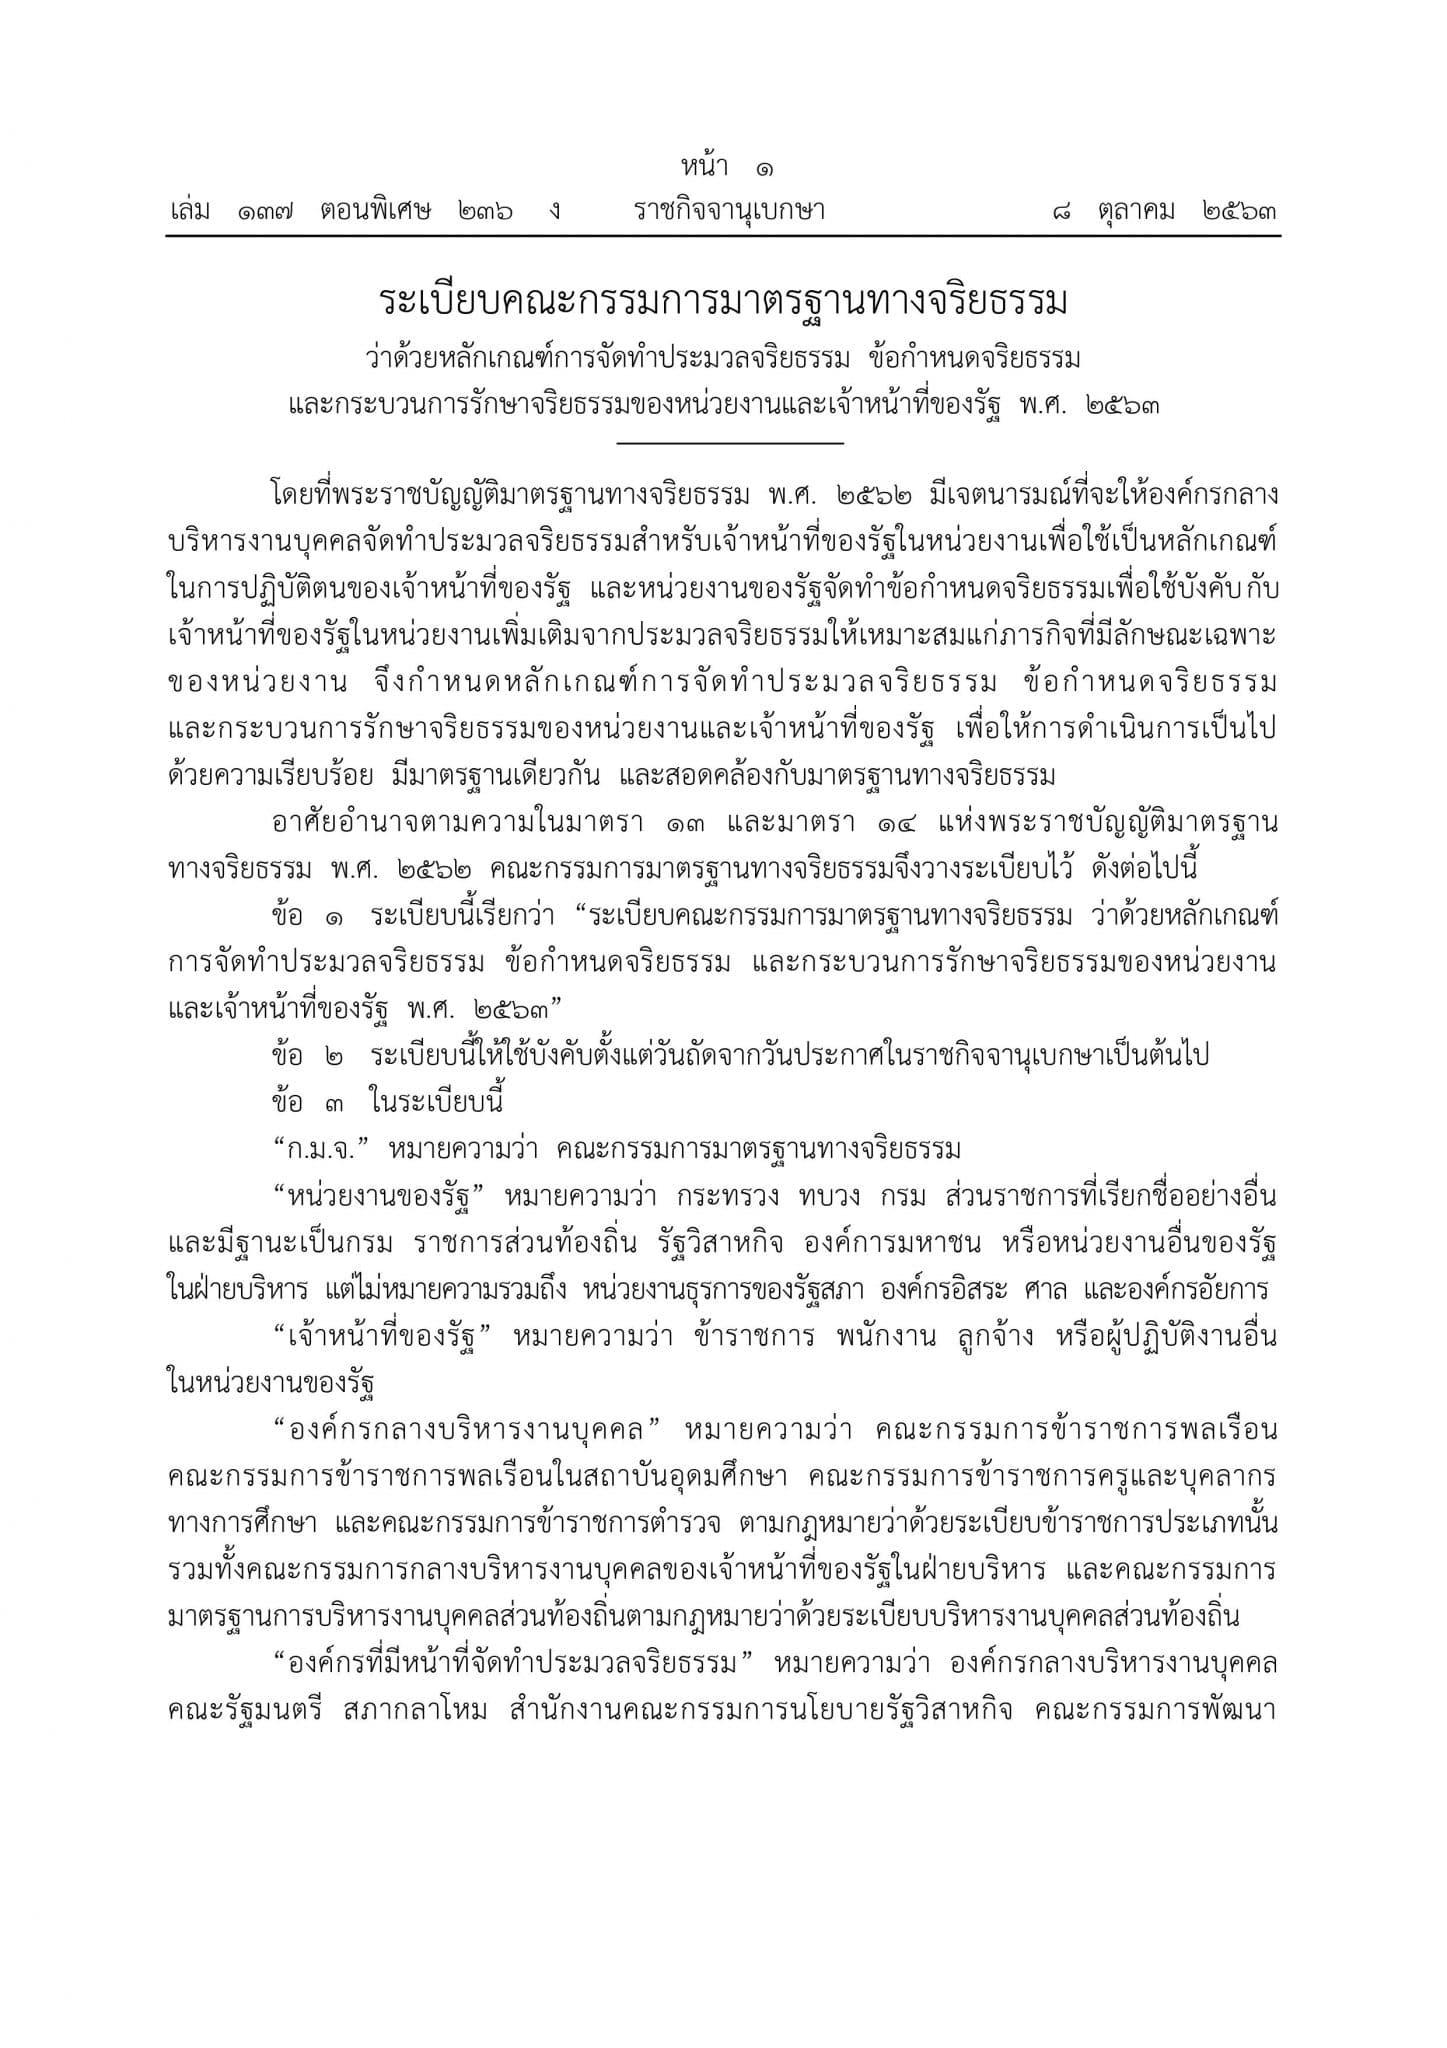 ด่วน!!!! ราชกิจจานุเบกษา ประกาศหลักเกณฑ์การจัดทำประมวลจริยธรรม ข้อกำหนดจริยธรรมและกระบวนการรักษาจริยธรรมของหน่วยงานและเจ้าหน้าที่ของรัฐ พ.ศ. 2563